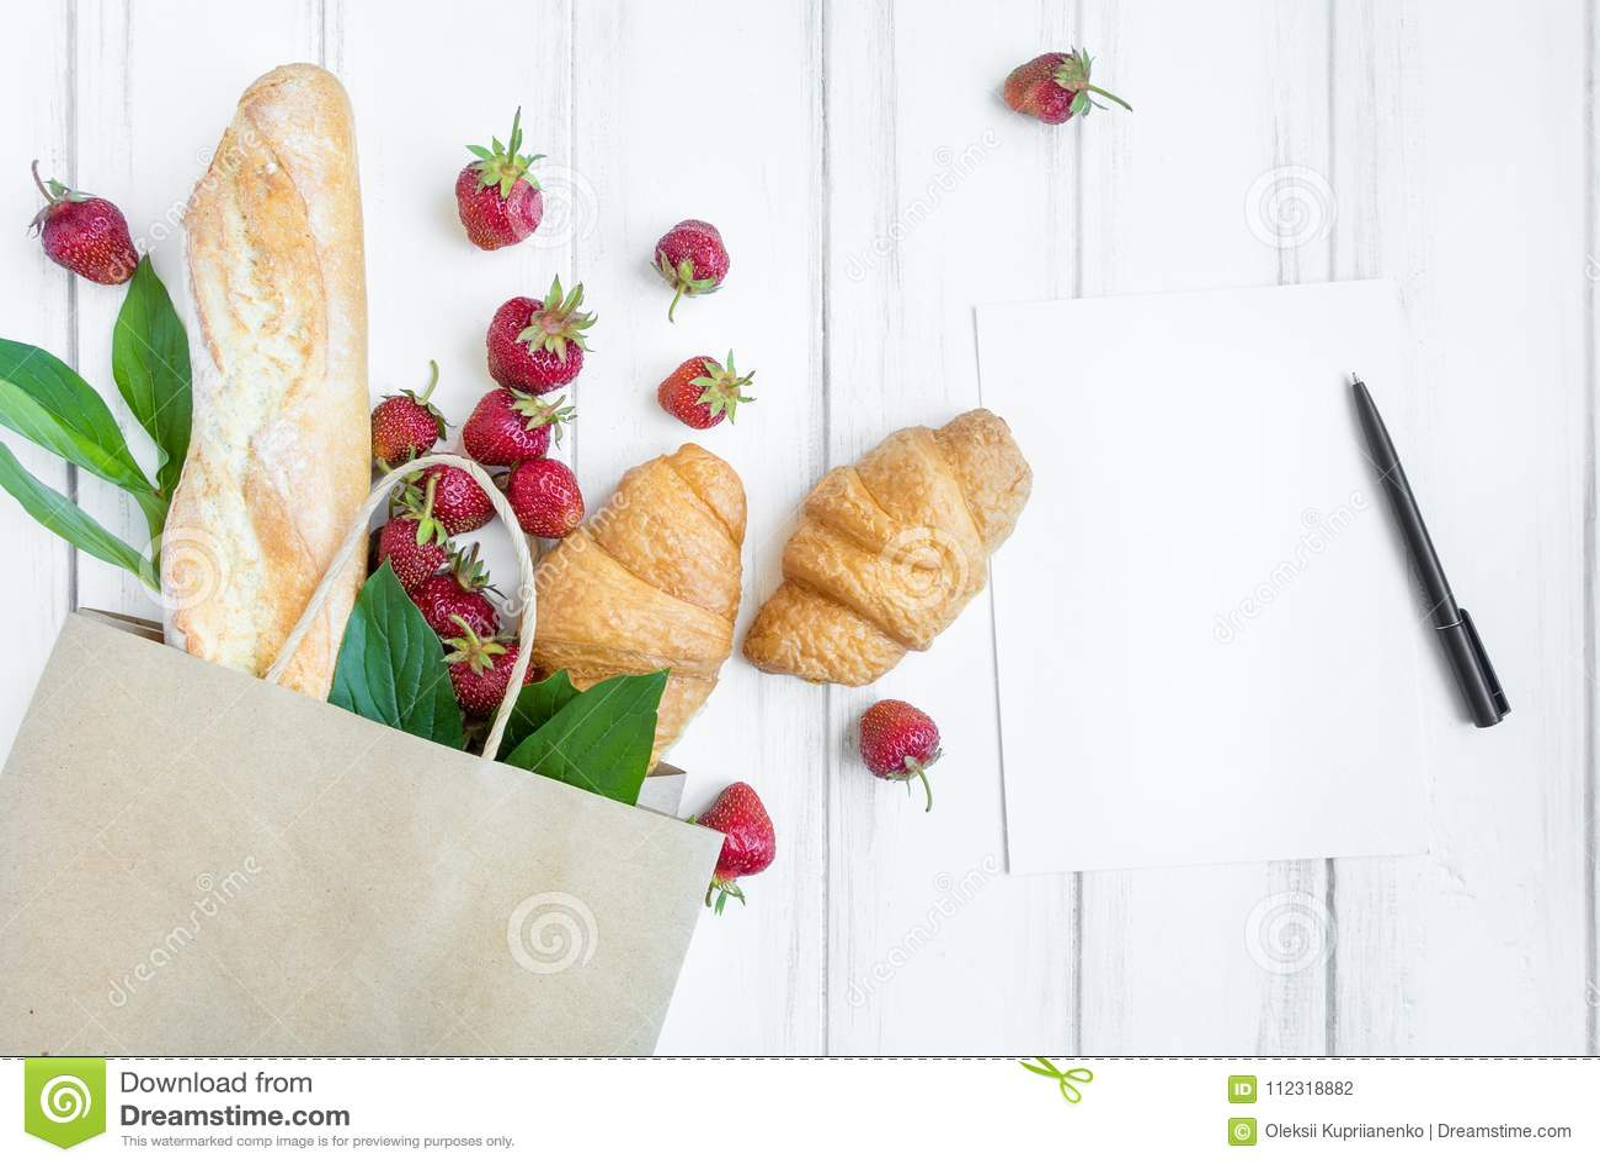 Panier de papel con pan fresco, cruasanes, las fresas y la endecha del plano de la lista de compras, visión superior